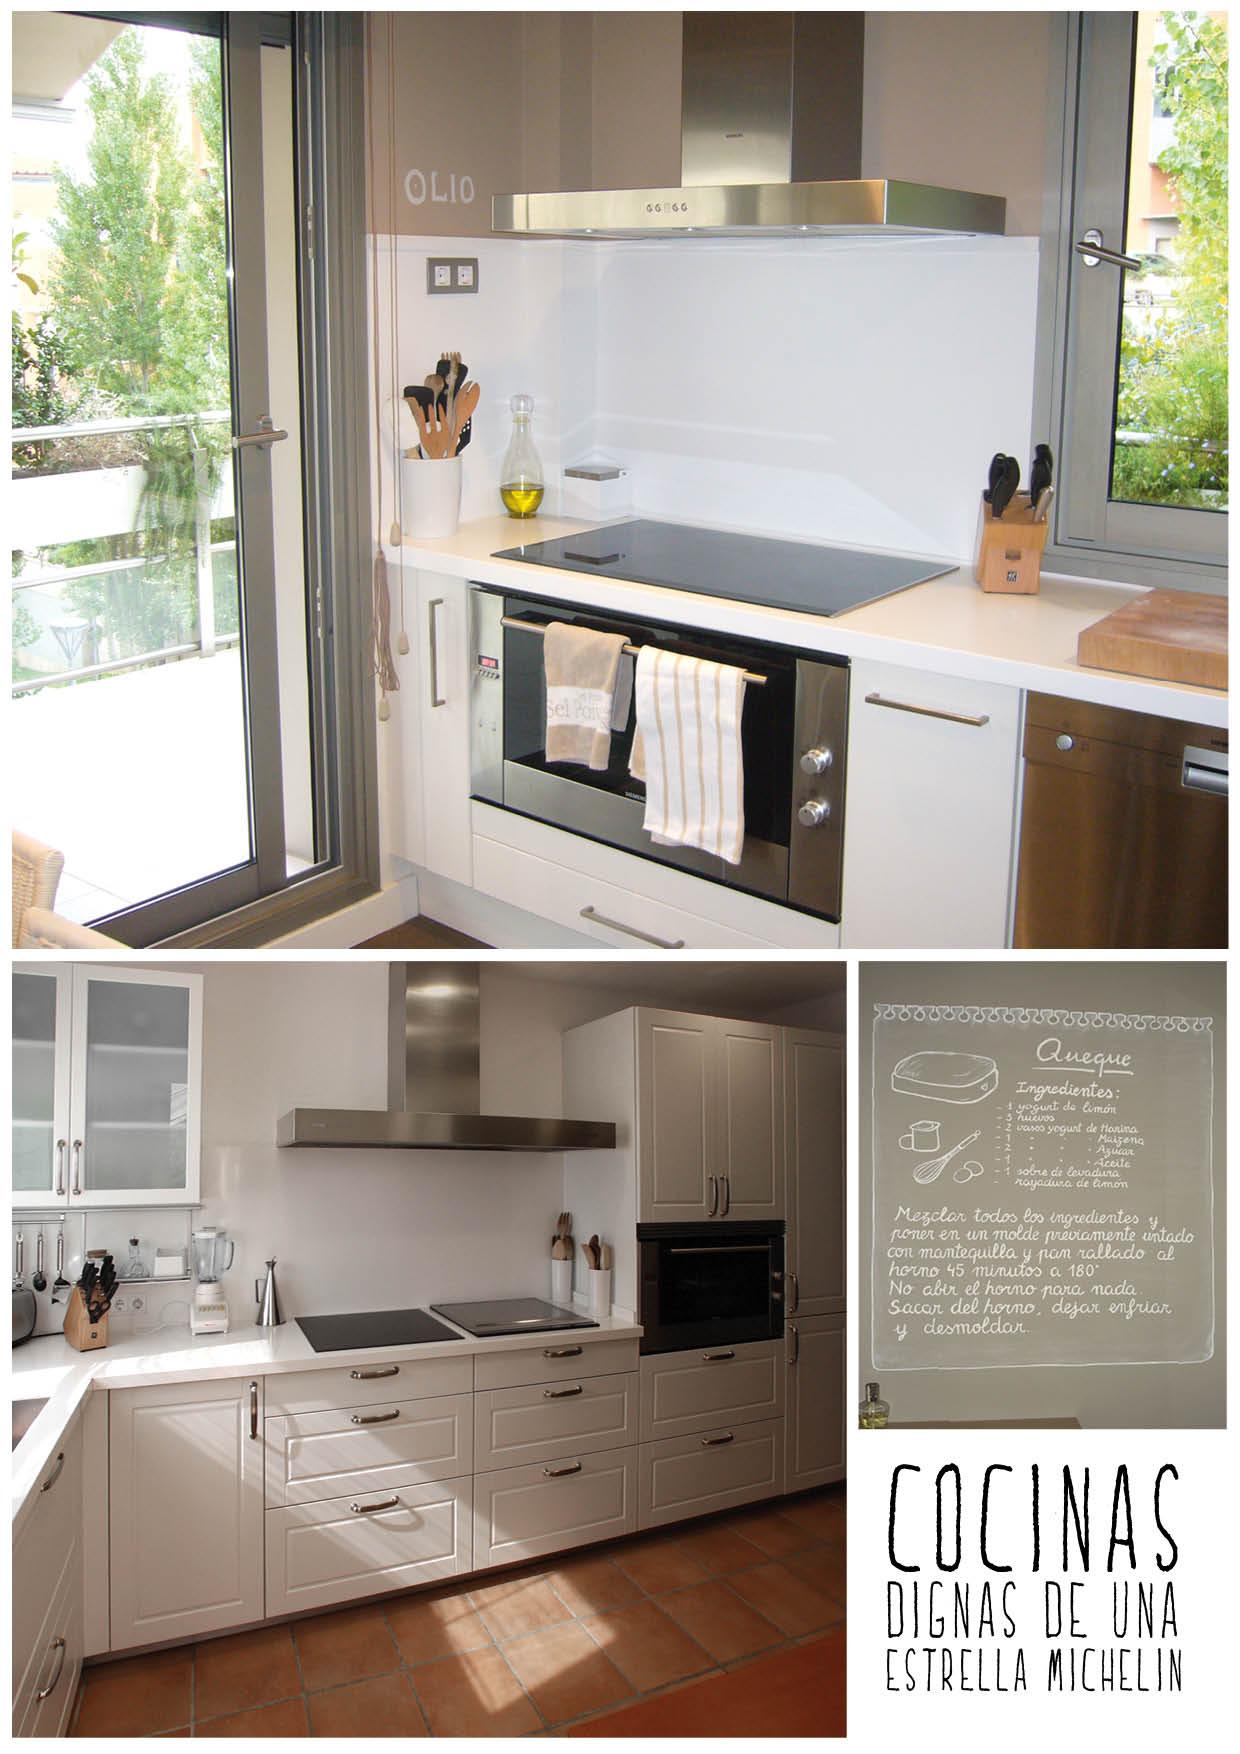 Excepcional Casa Y El Hogar De La Cocina Cambio De Imagen Del ...